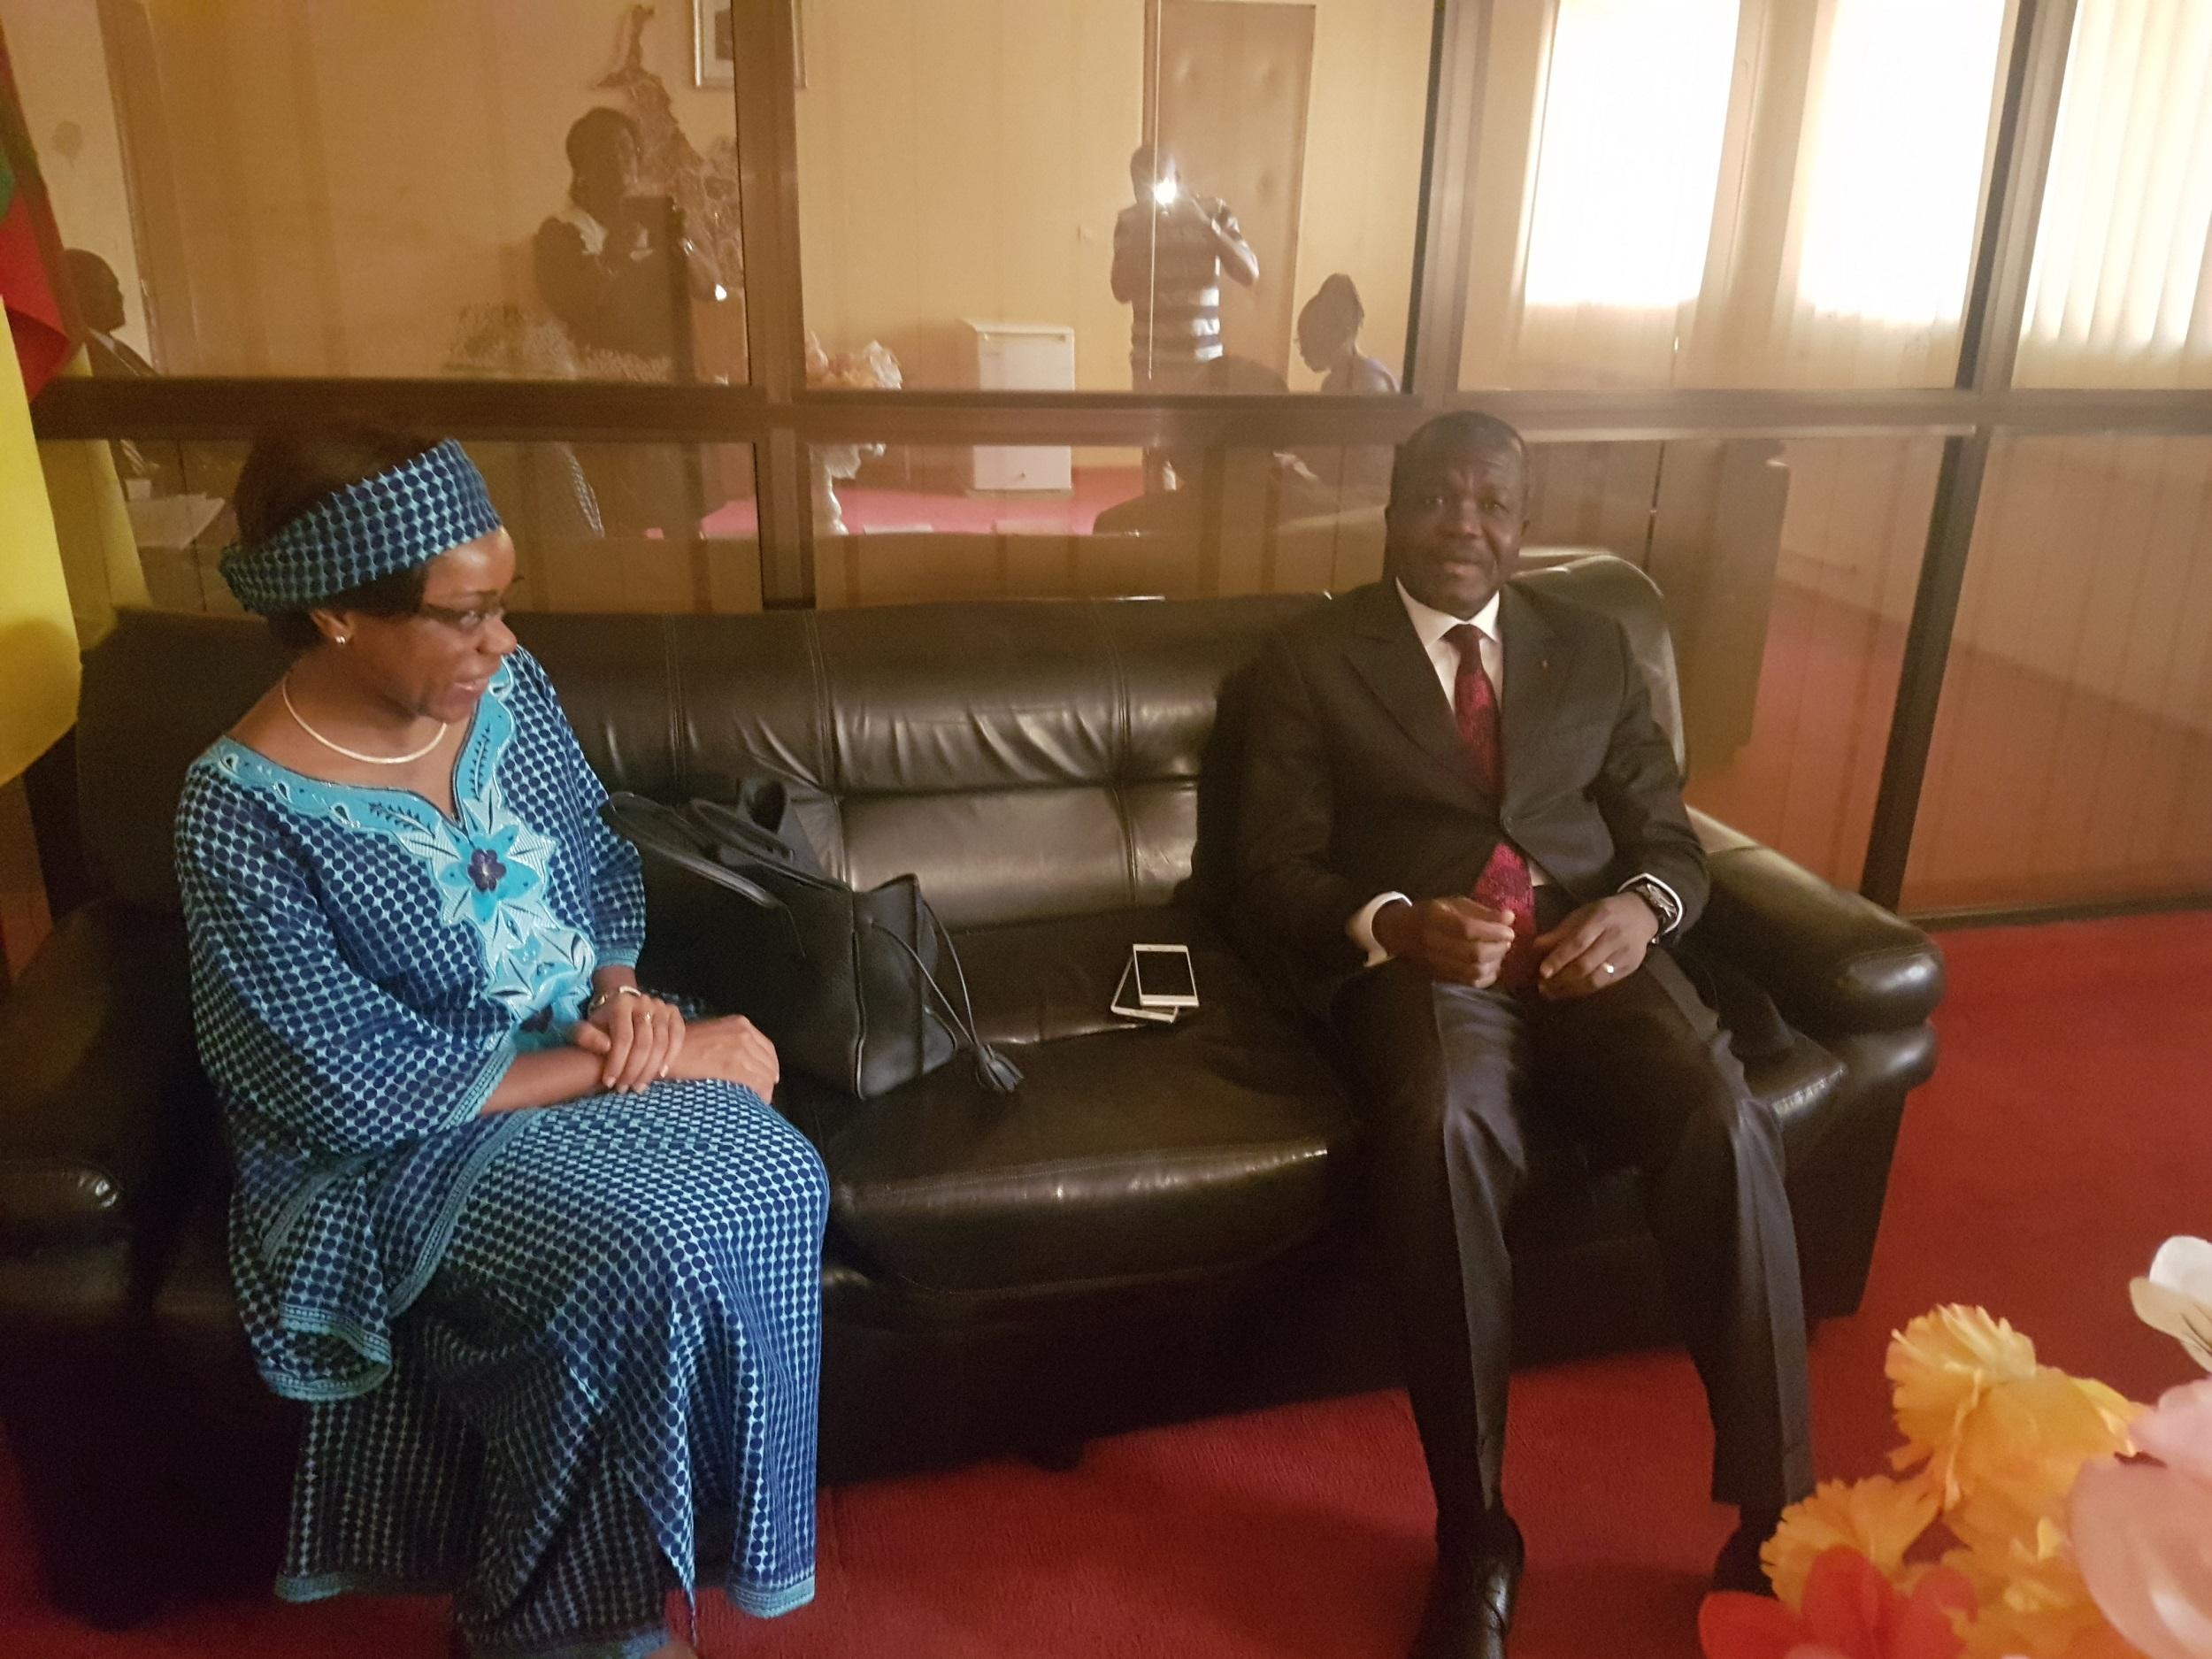 Dans le sillage de la tournée qu'elle a effectuée dans les aéroports, Mme le Directeur Général a été reçu à Garoua par le Gouverneur de la région du Nord, Jean ABATE EDI'I